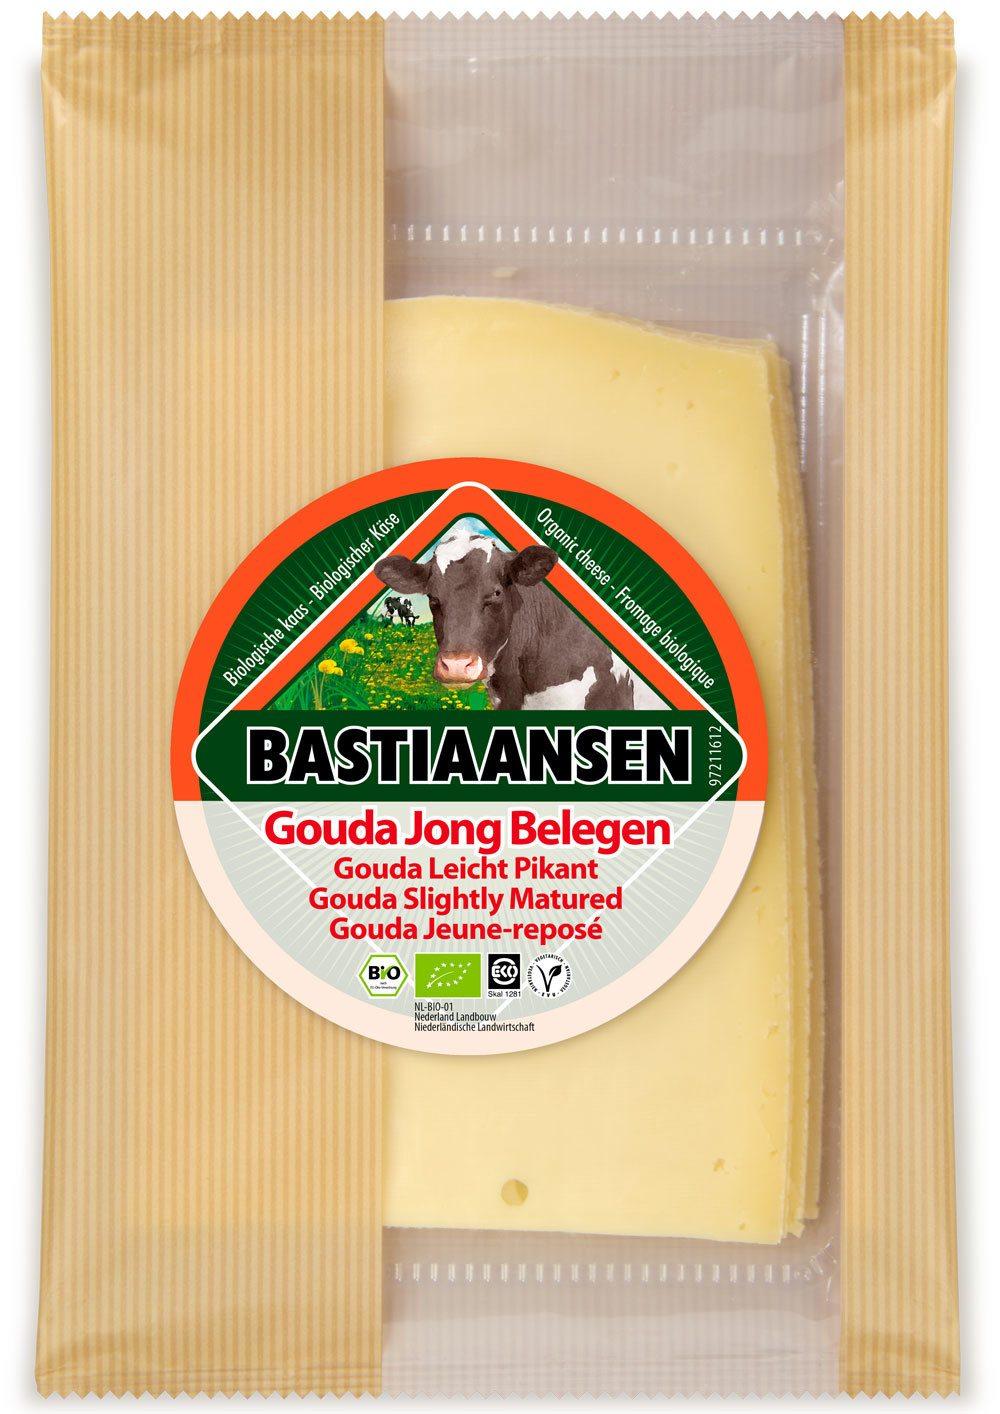 -26% SALE | Biologische Bastiaansen Plakjes jong belegen kaas 150 gr